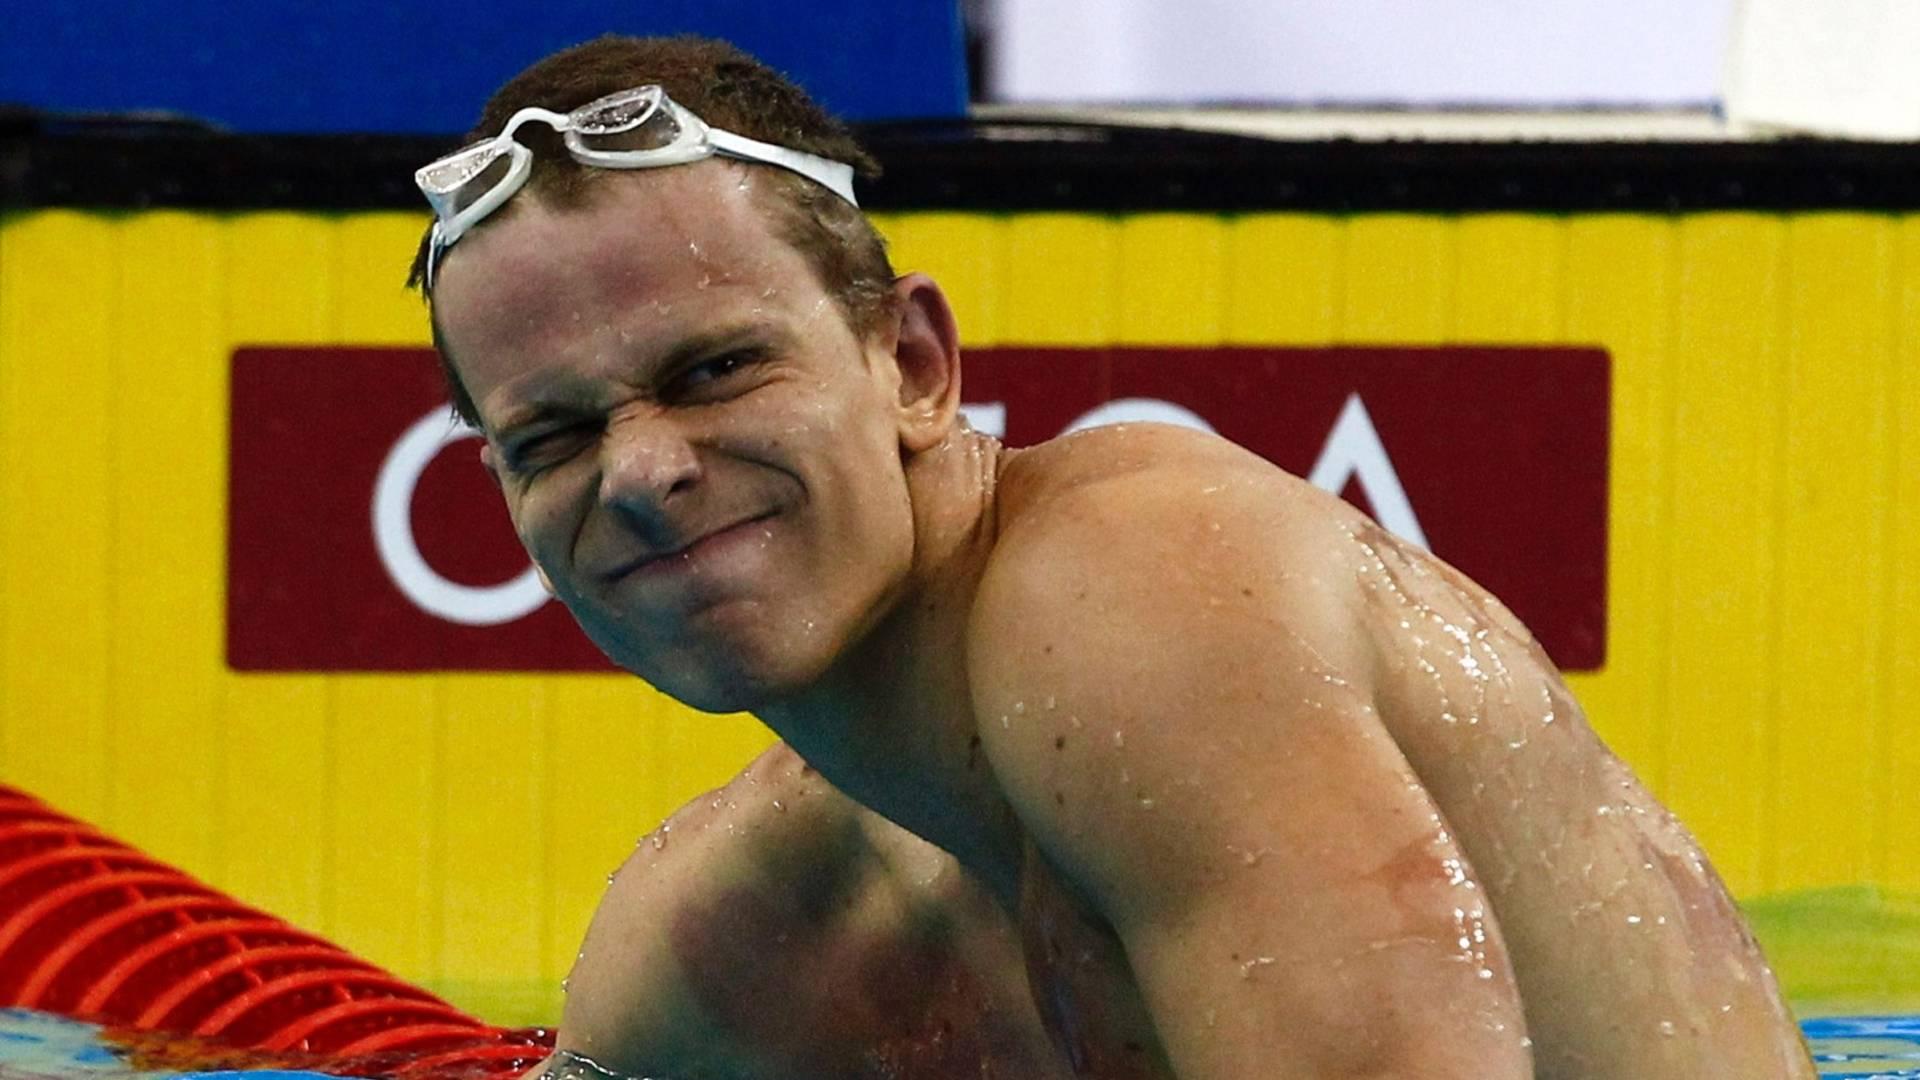 Cielo lamenta após ficar sem medalha nos 100 m no Mundial em Xangai (28/07/2011)